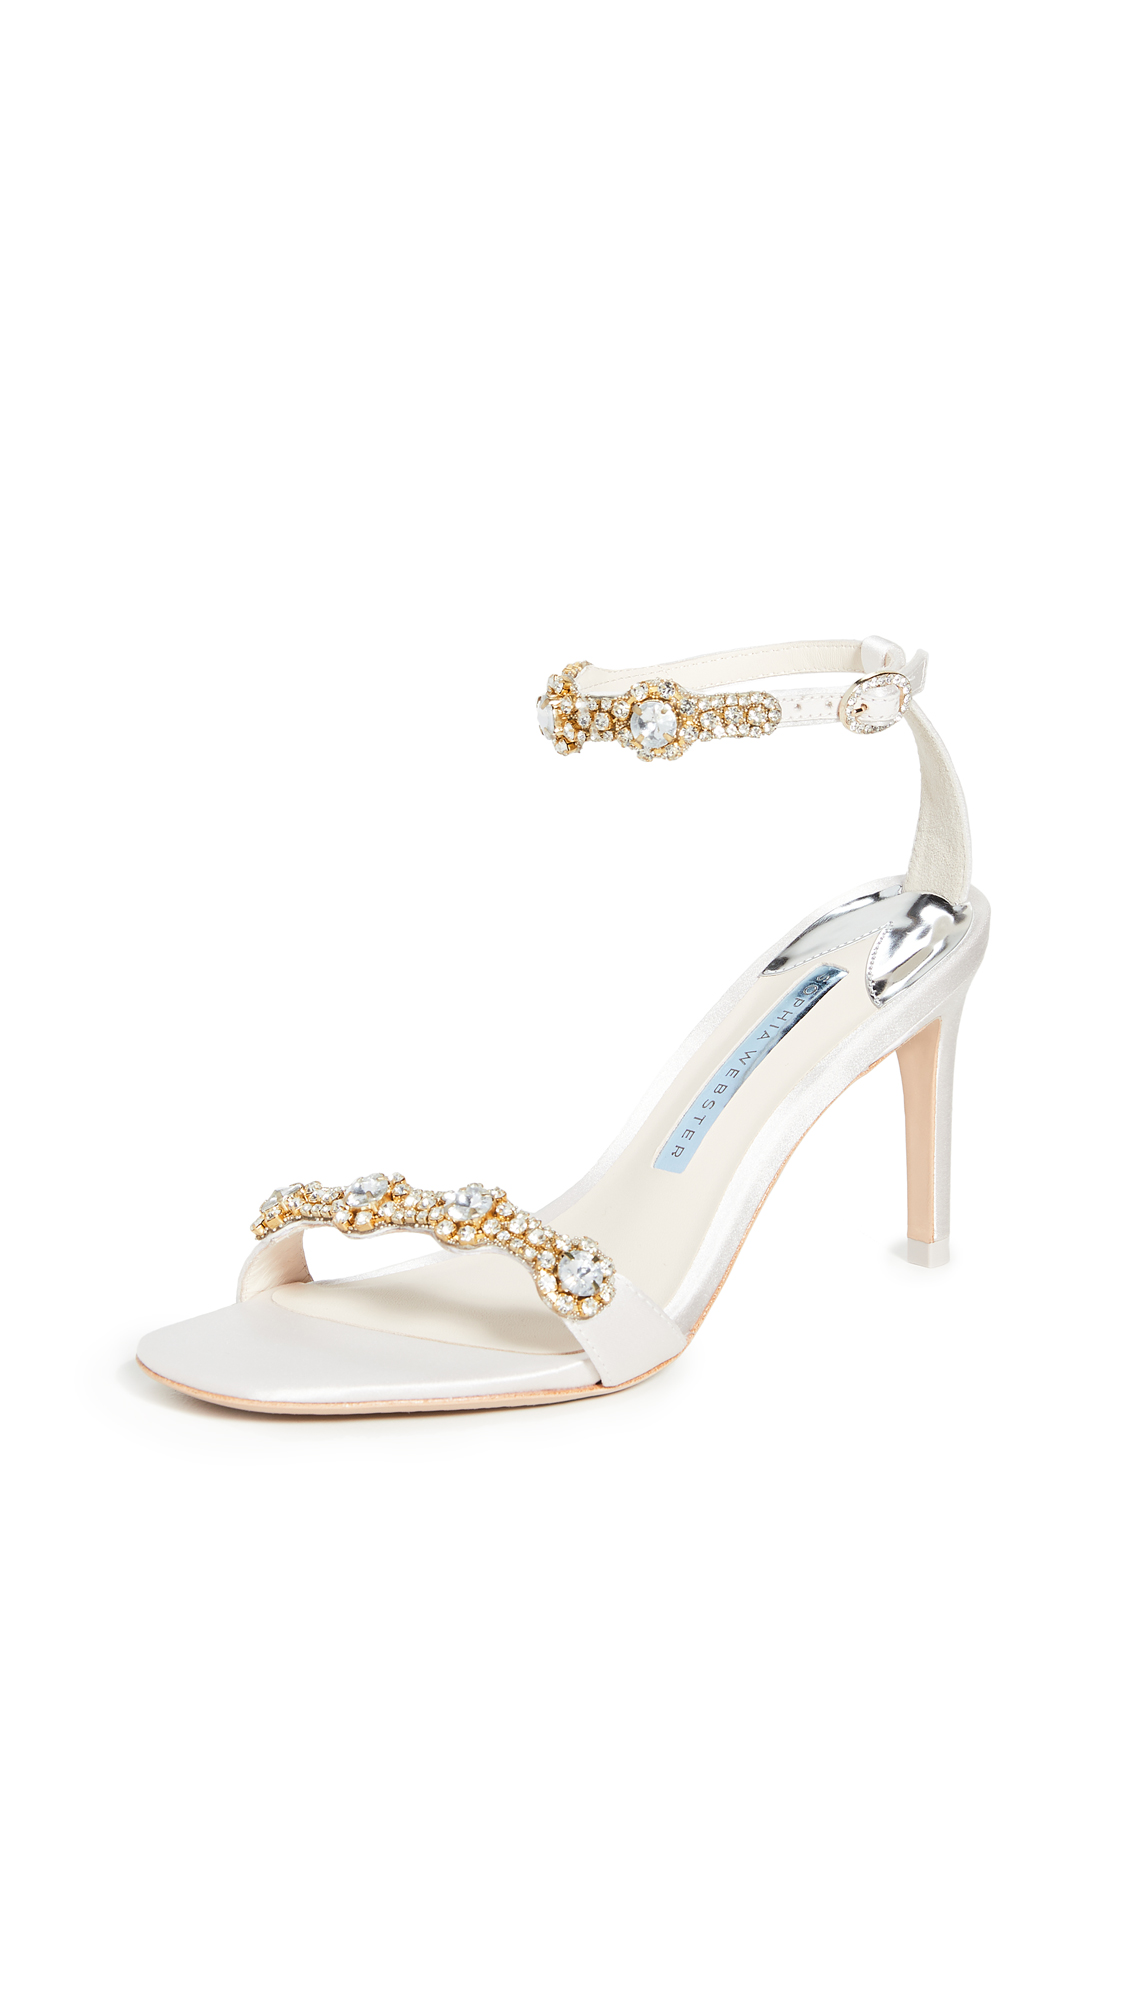 Sophia Webster Aaliyah Sandals – 50% Off Sale